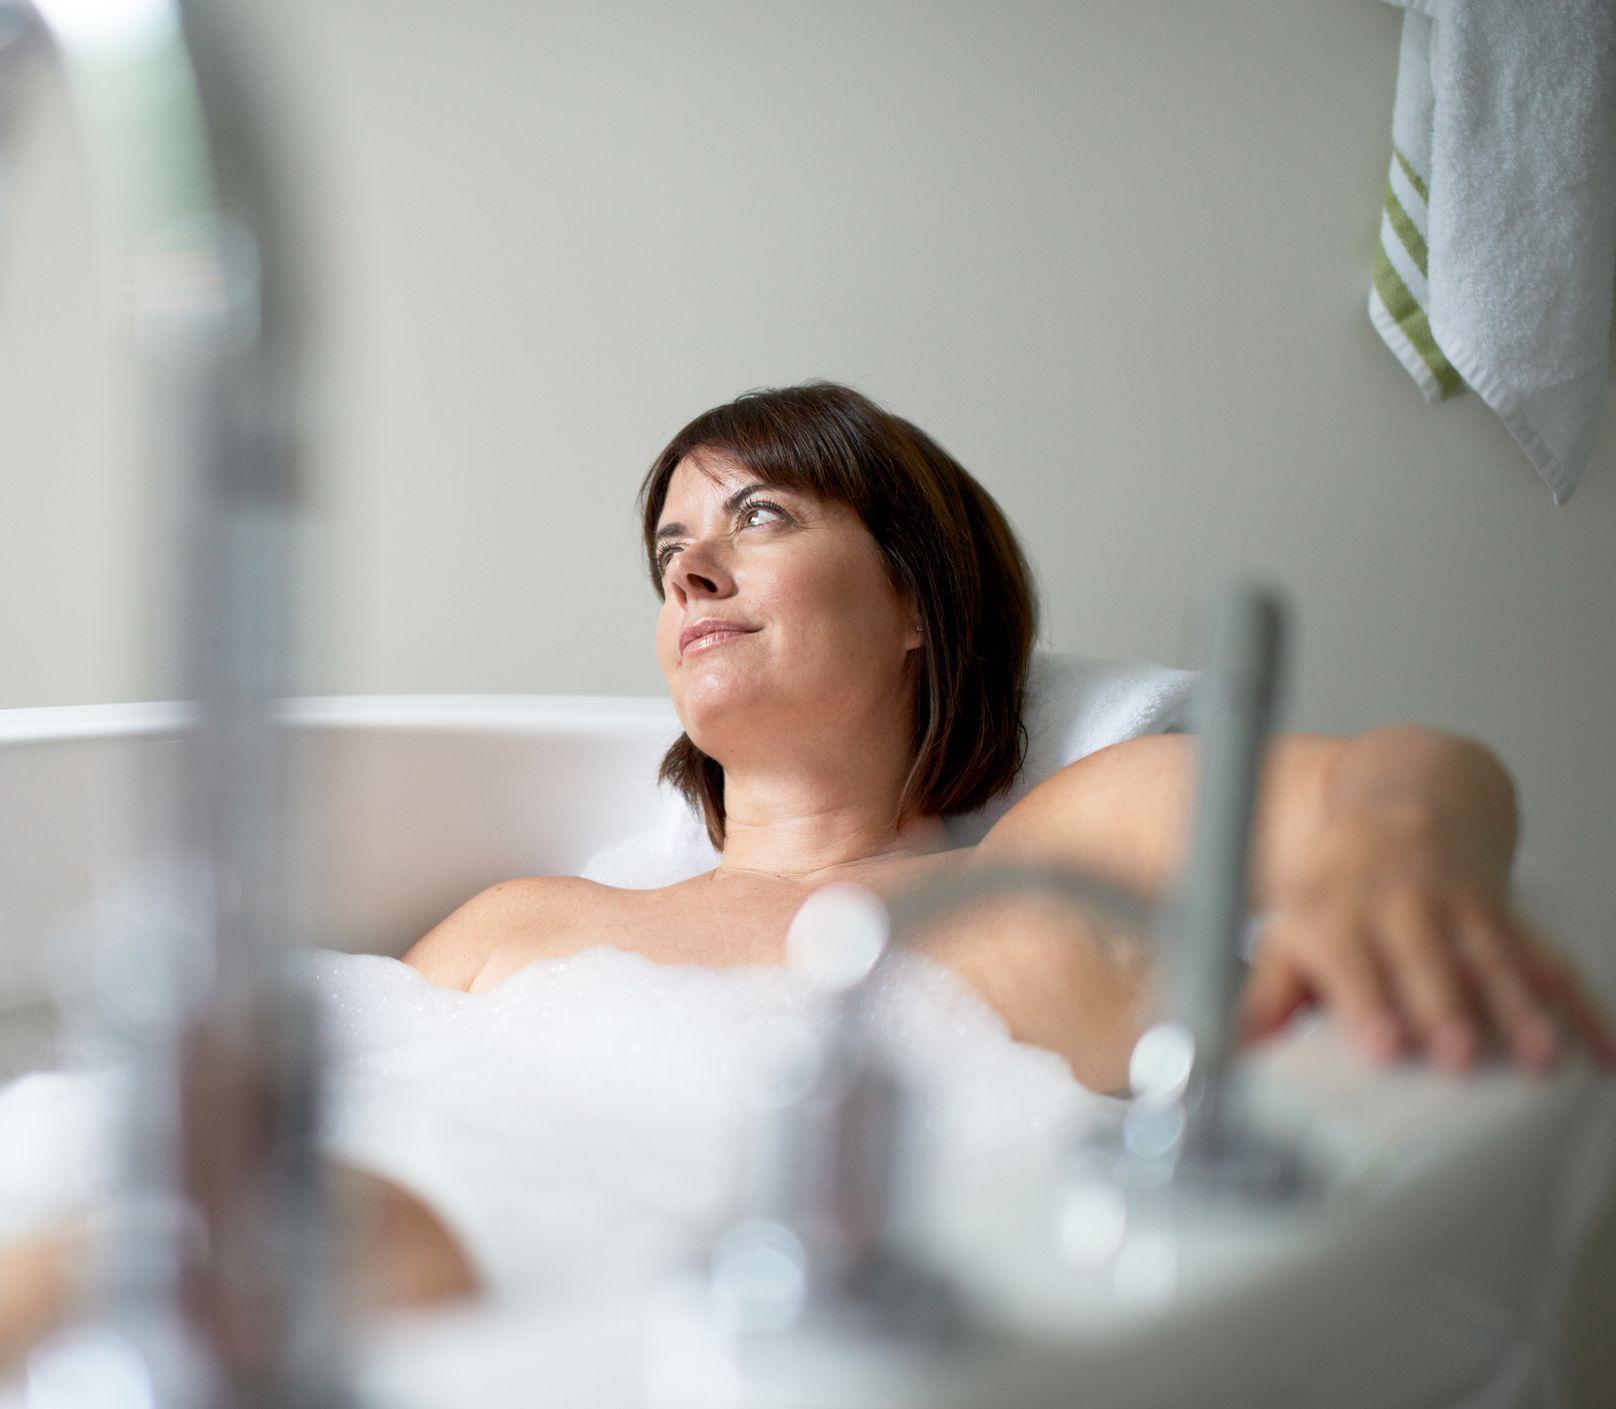 Voňavé oleje pomôžu zrelaxovať aj upokojiť: Ktoré z nich vyskúšať do kúpeľa?